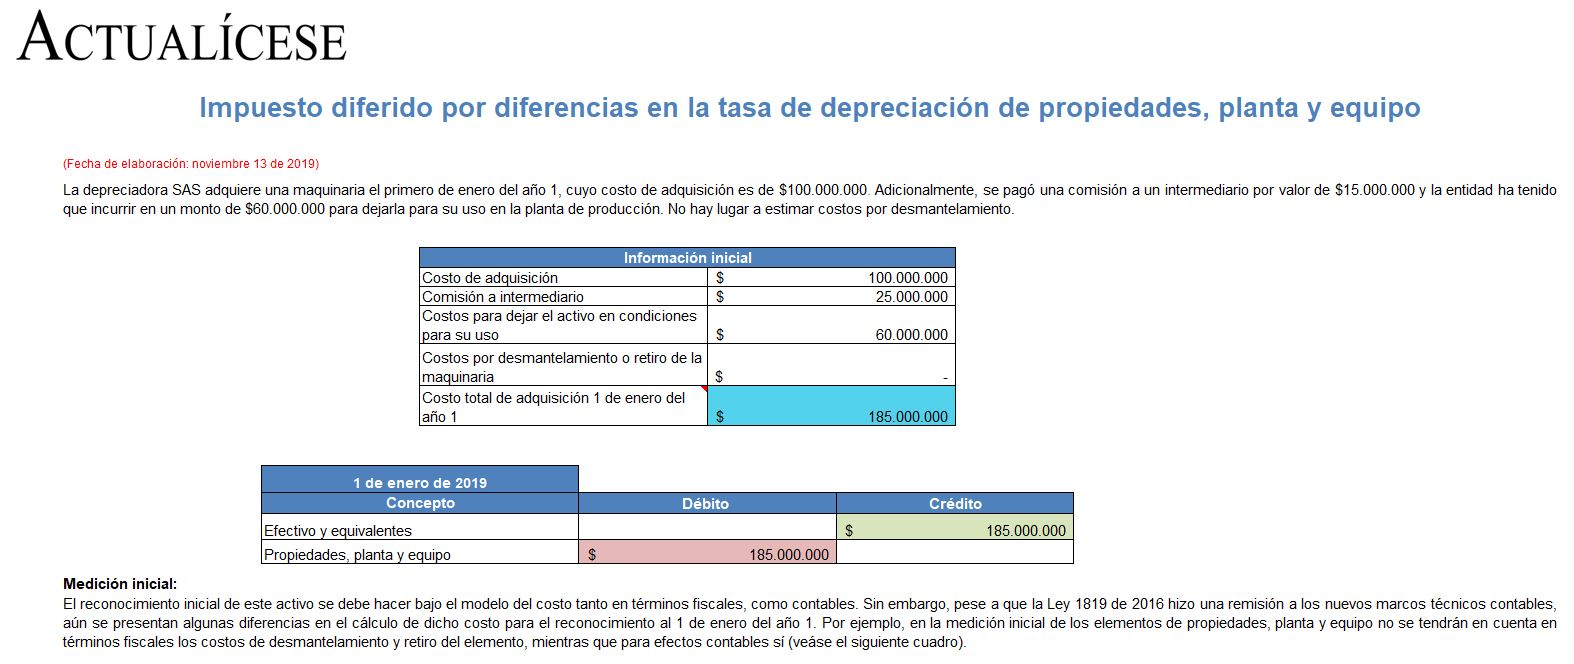 Tratamiento del impuesto diferido por diferencias en tasa de depreciación de propiedad, planta y equipo